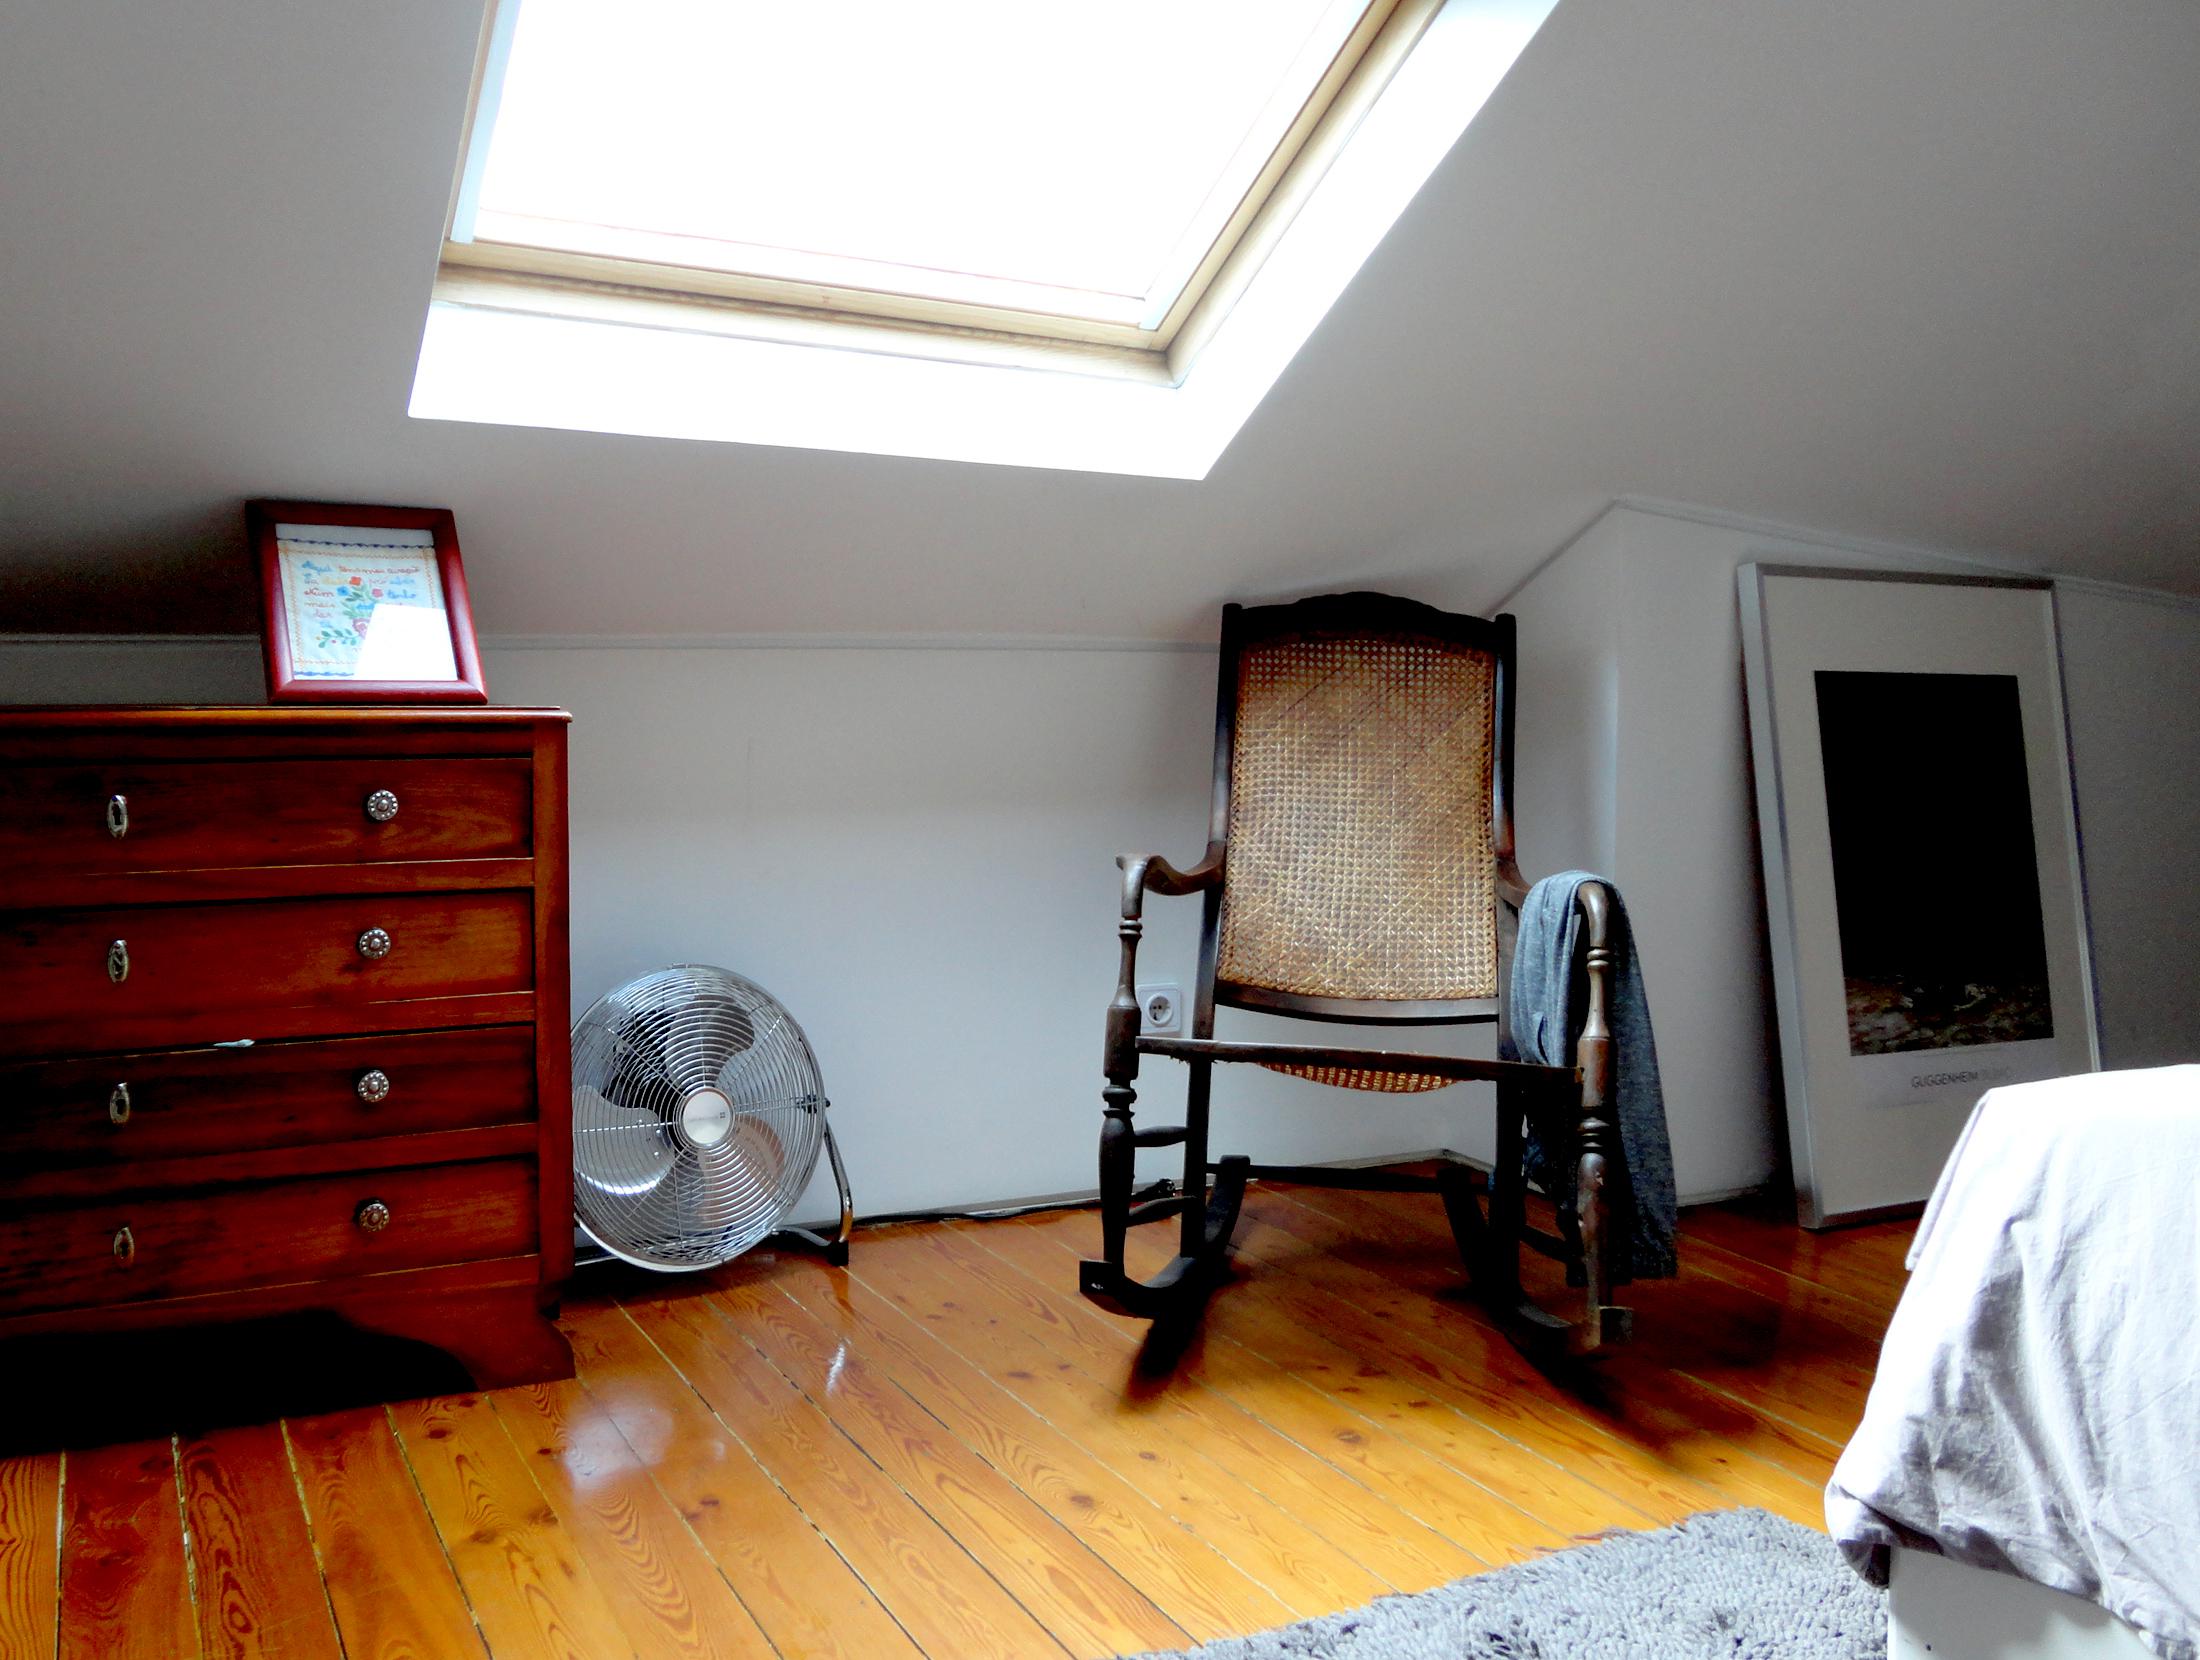 no andar superior encontram-se os quartos, todos eles espaços minimais com o essencial e referências à  flat art que abundam nesta casa.